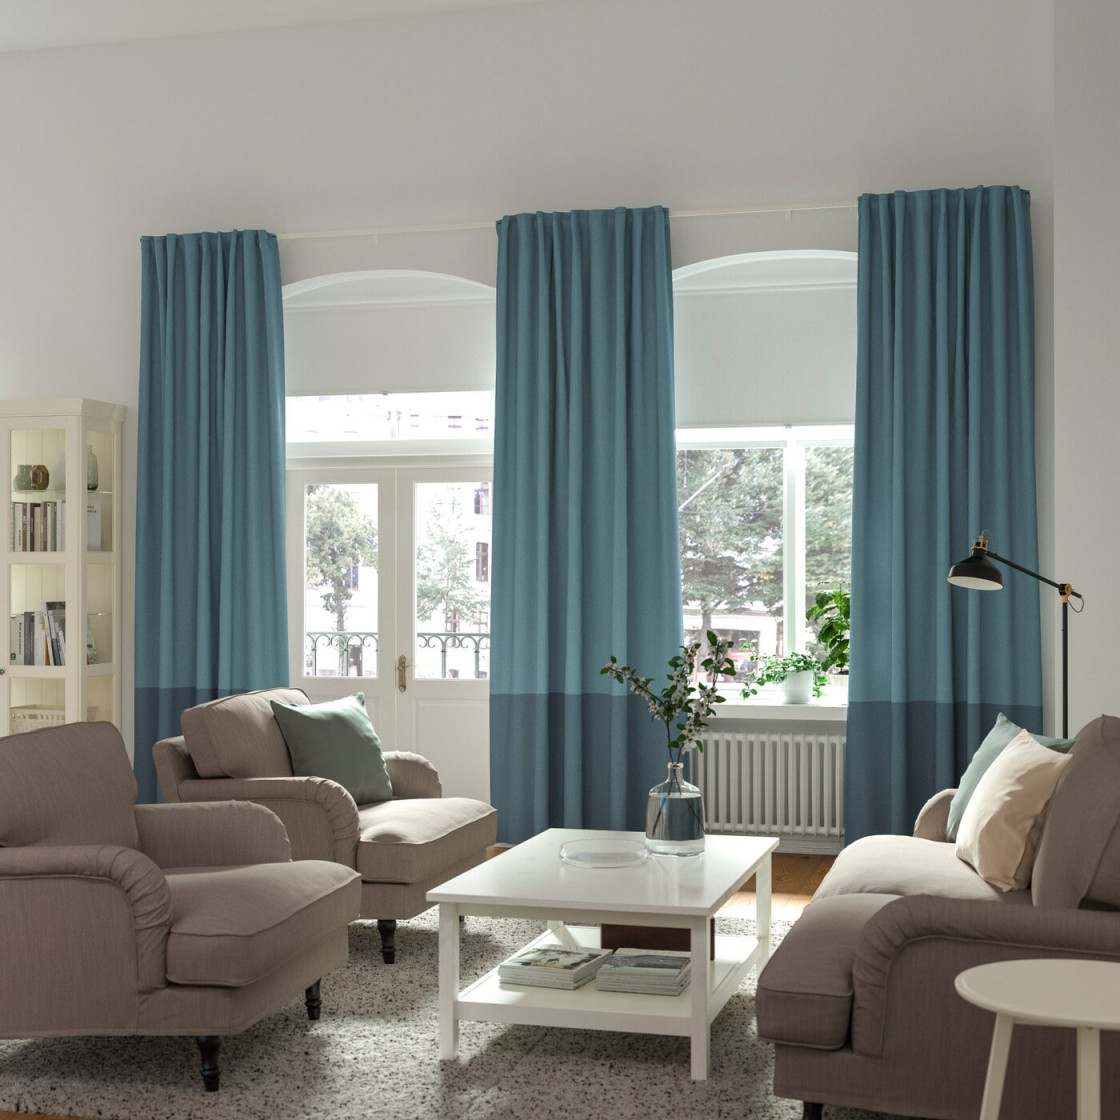 Gardinenideen Inspirationen Für Dein Zuhause  Ikea von Gardinen Kurz Wohnzimmer Photo